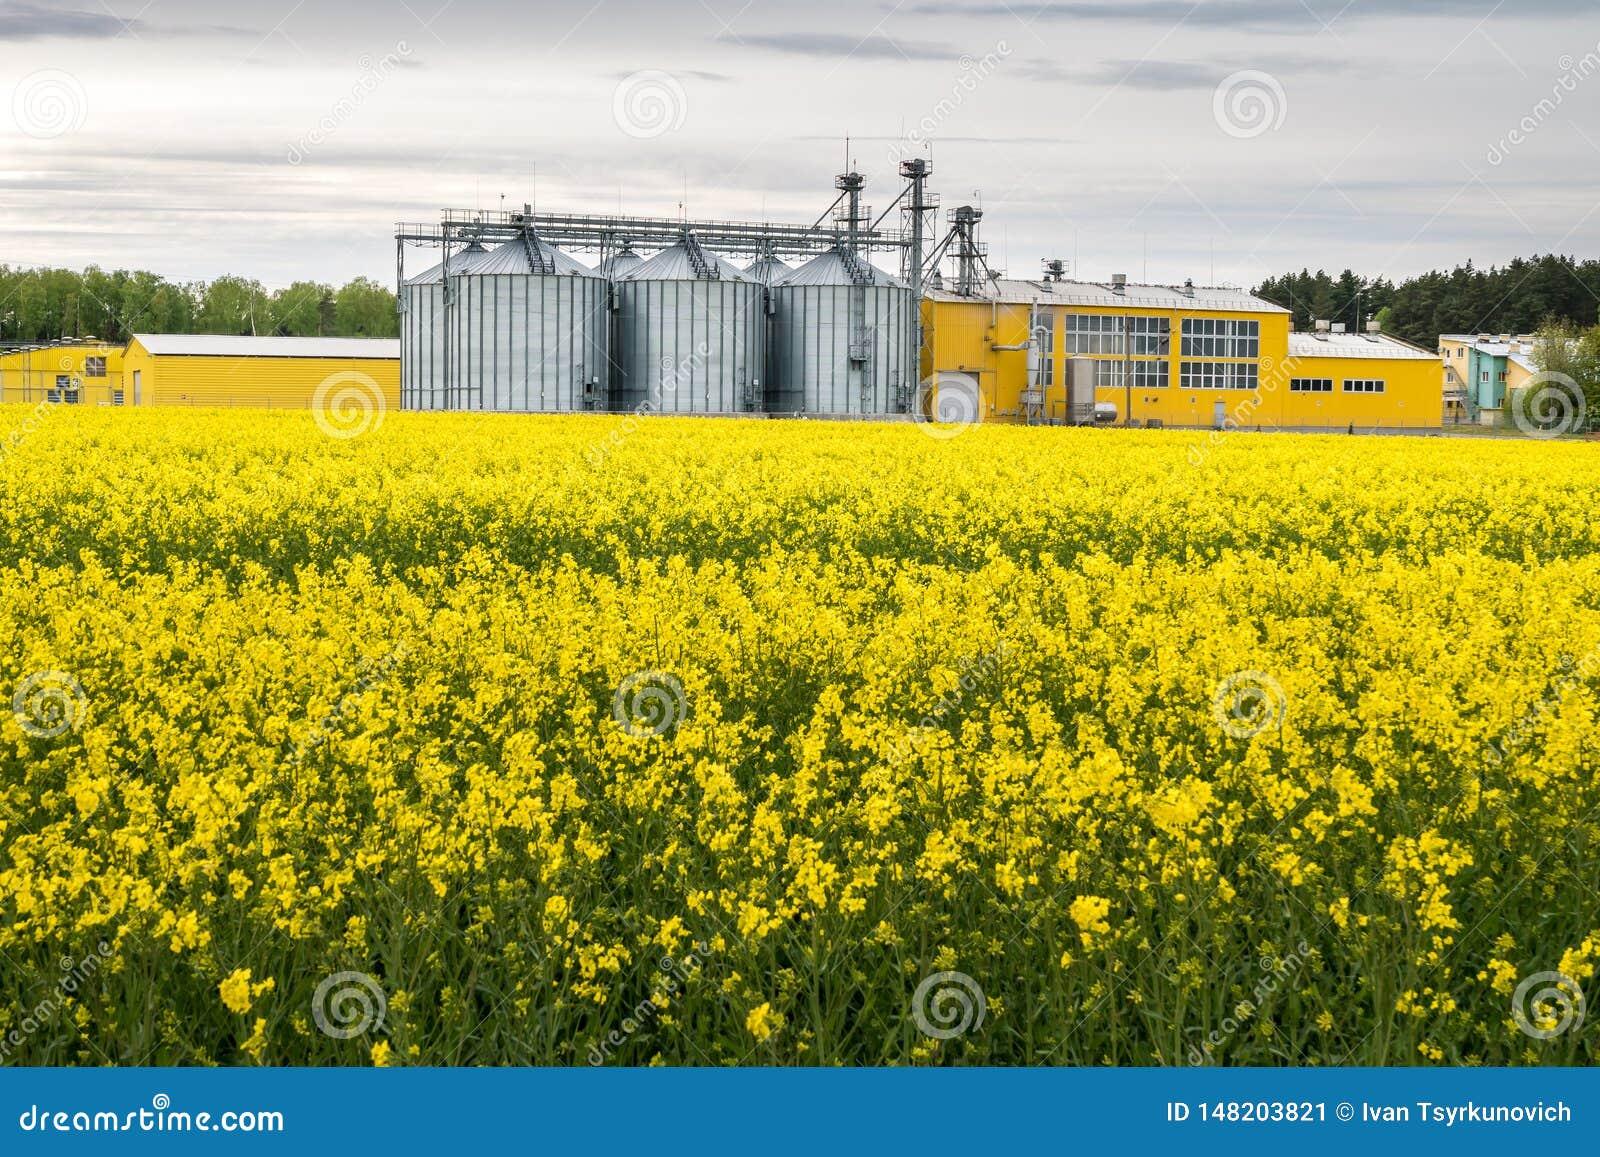 Gebied van bloem van raapzaad, canolakoolzaad in Brassica napus bij agro-verwerkt installatie voor verwerking en zilveren silo s